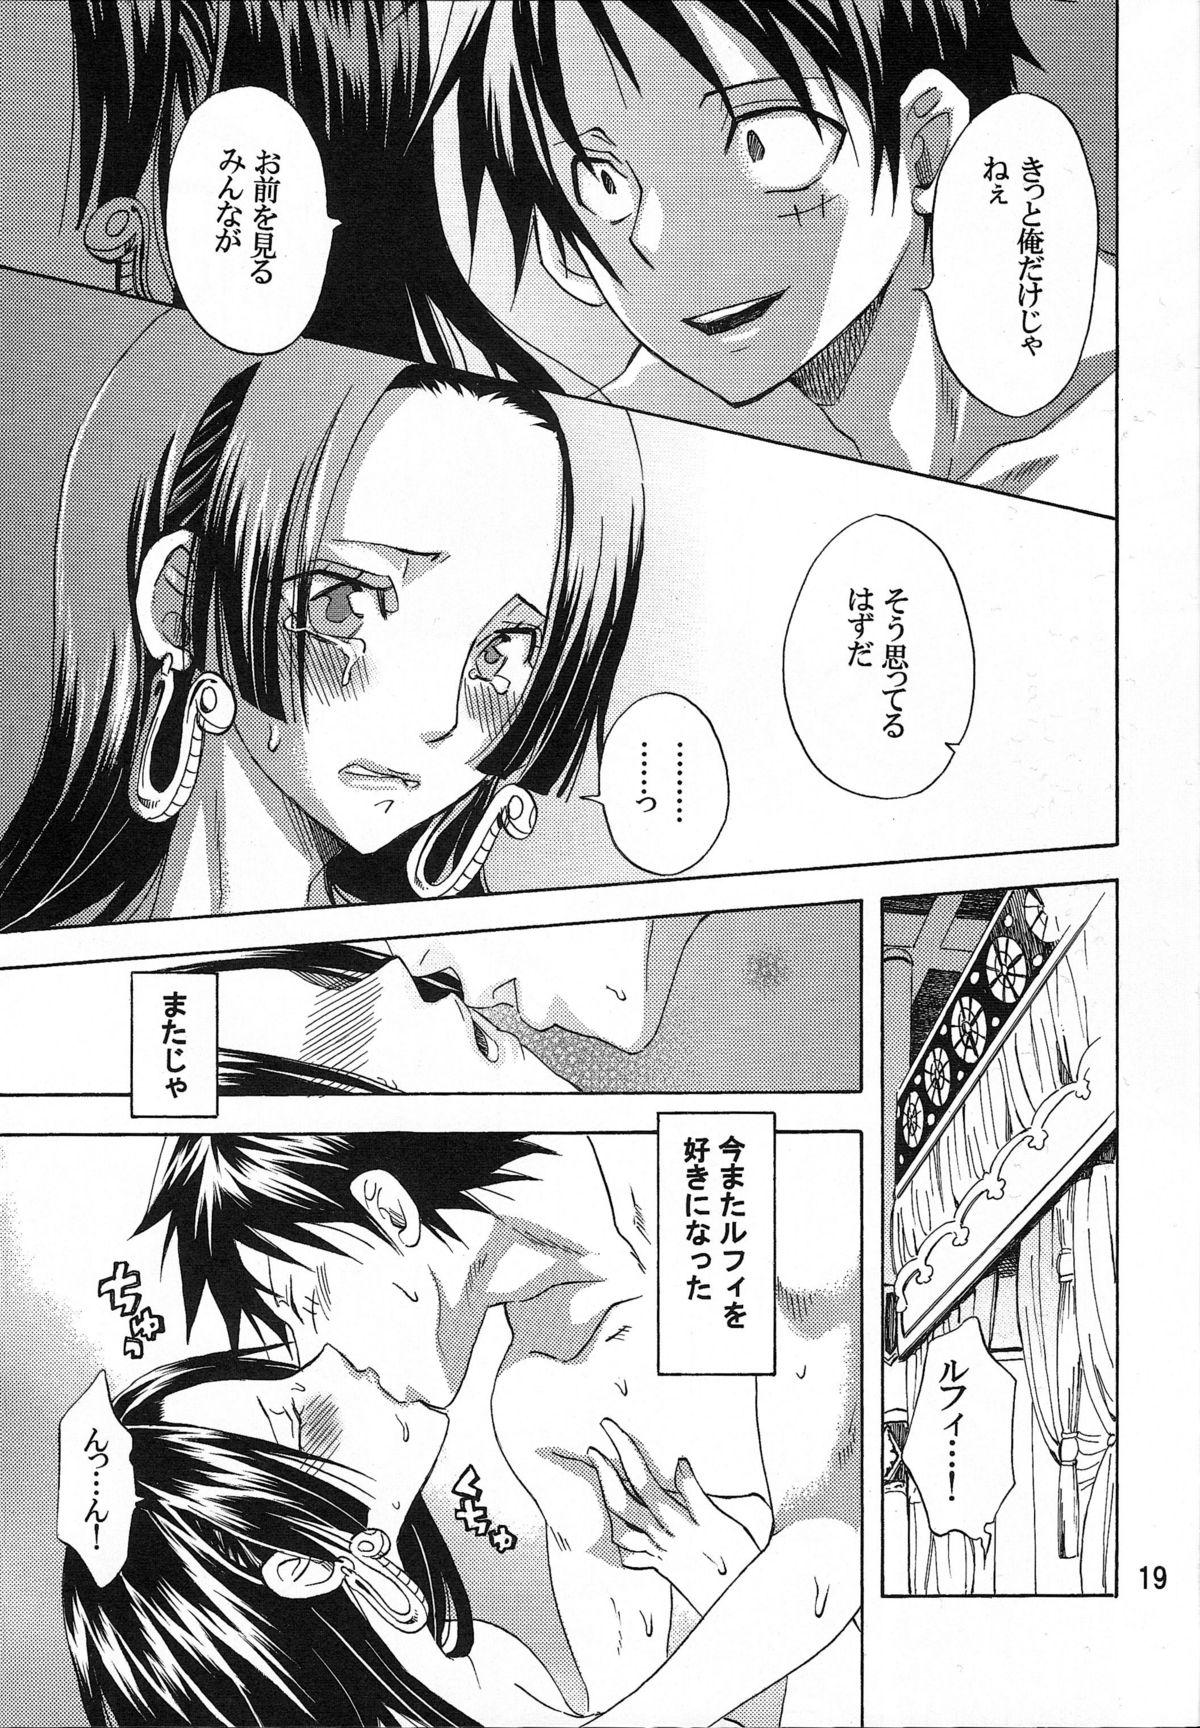 Heart Blossom 17